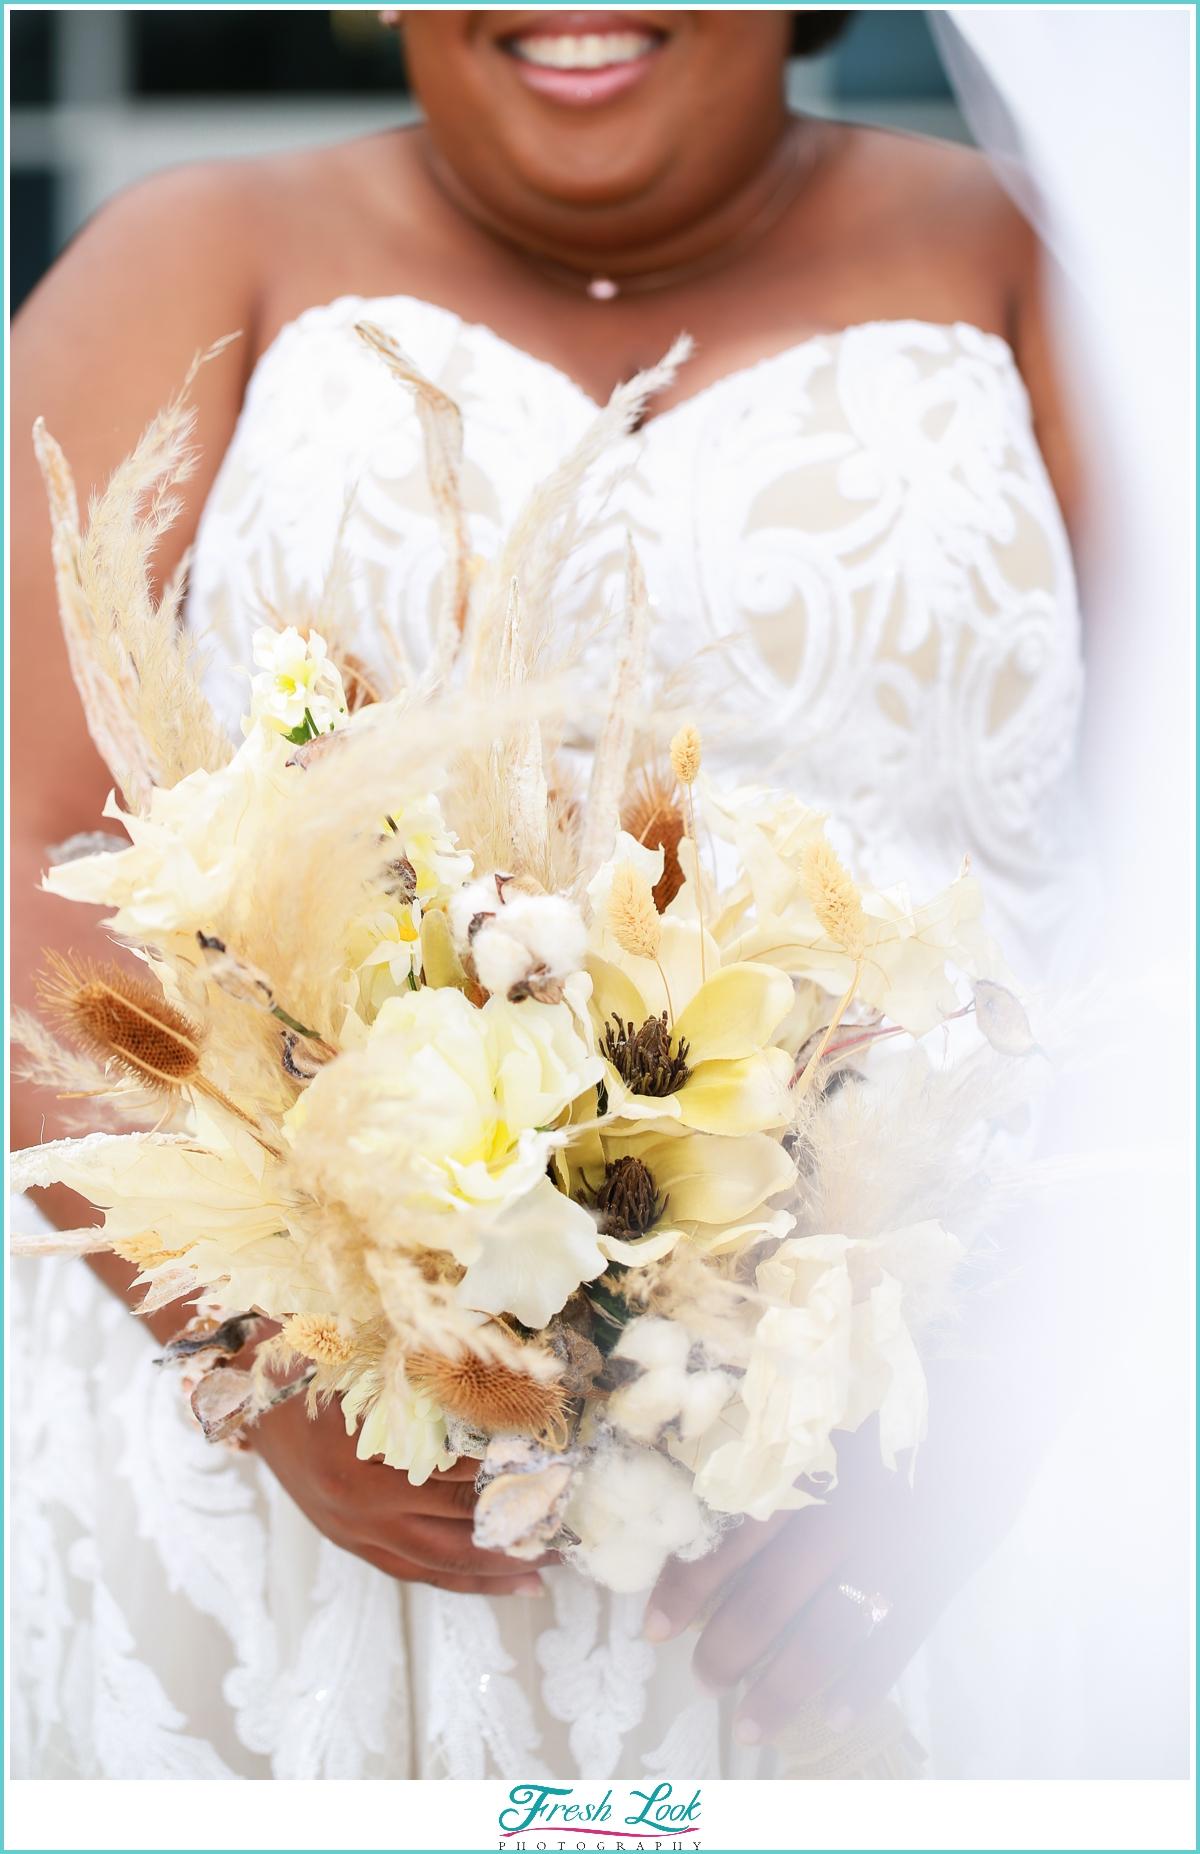 Jeff's Flowers of Course bridal bouquet